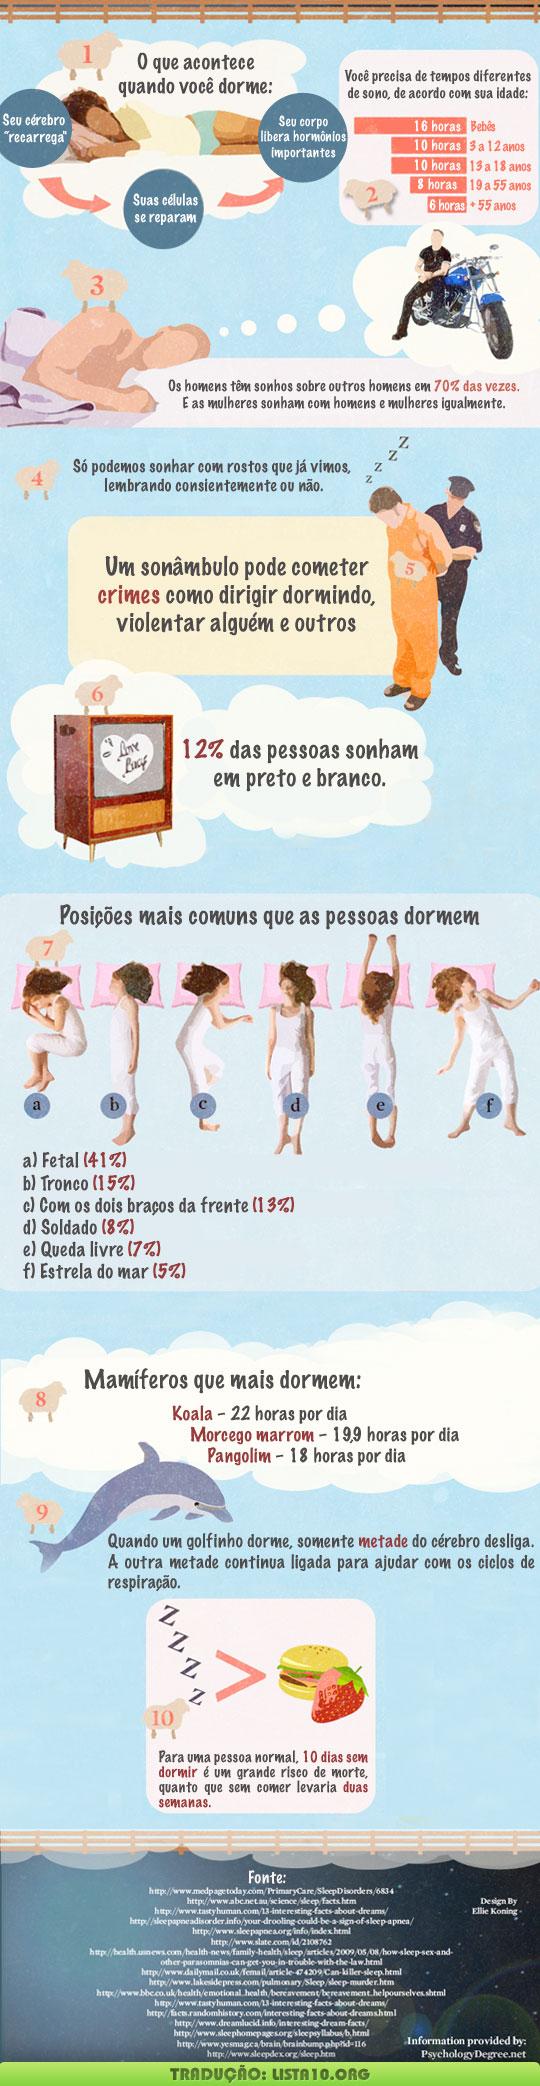 10 curiosidades sobre o sono